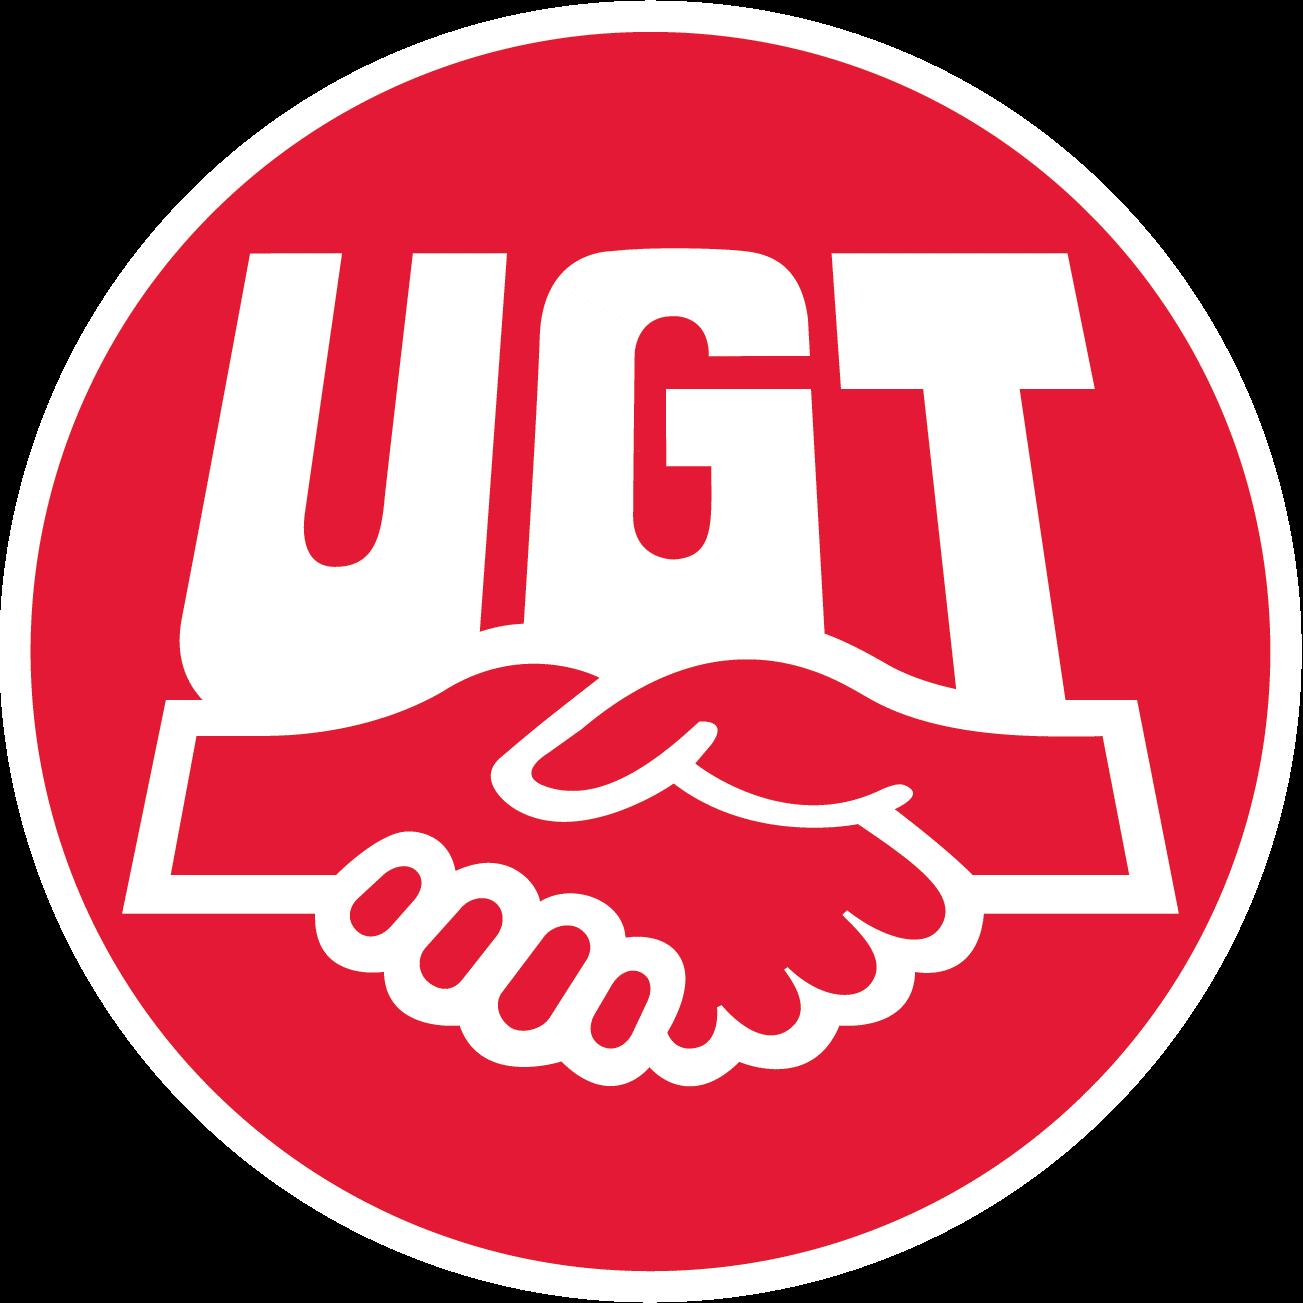 UGT alerta de que la bajada del paro no va acompañada de una mejora de la calidad del empleo